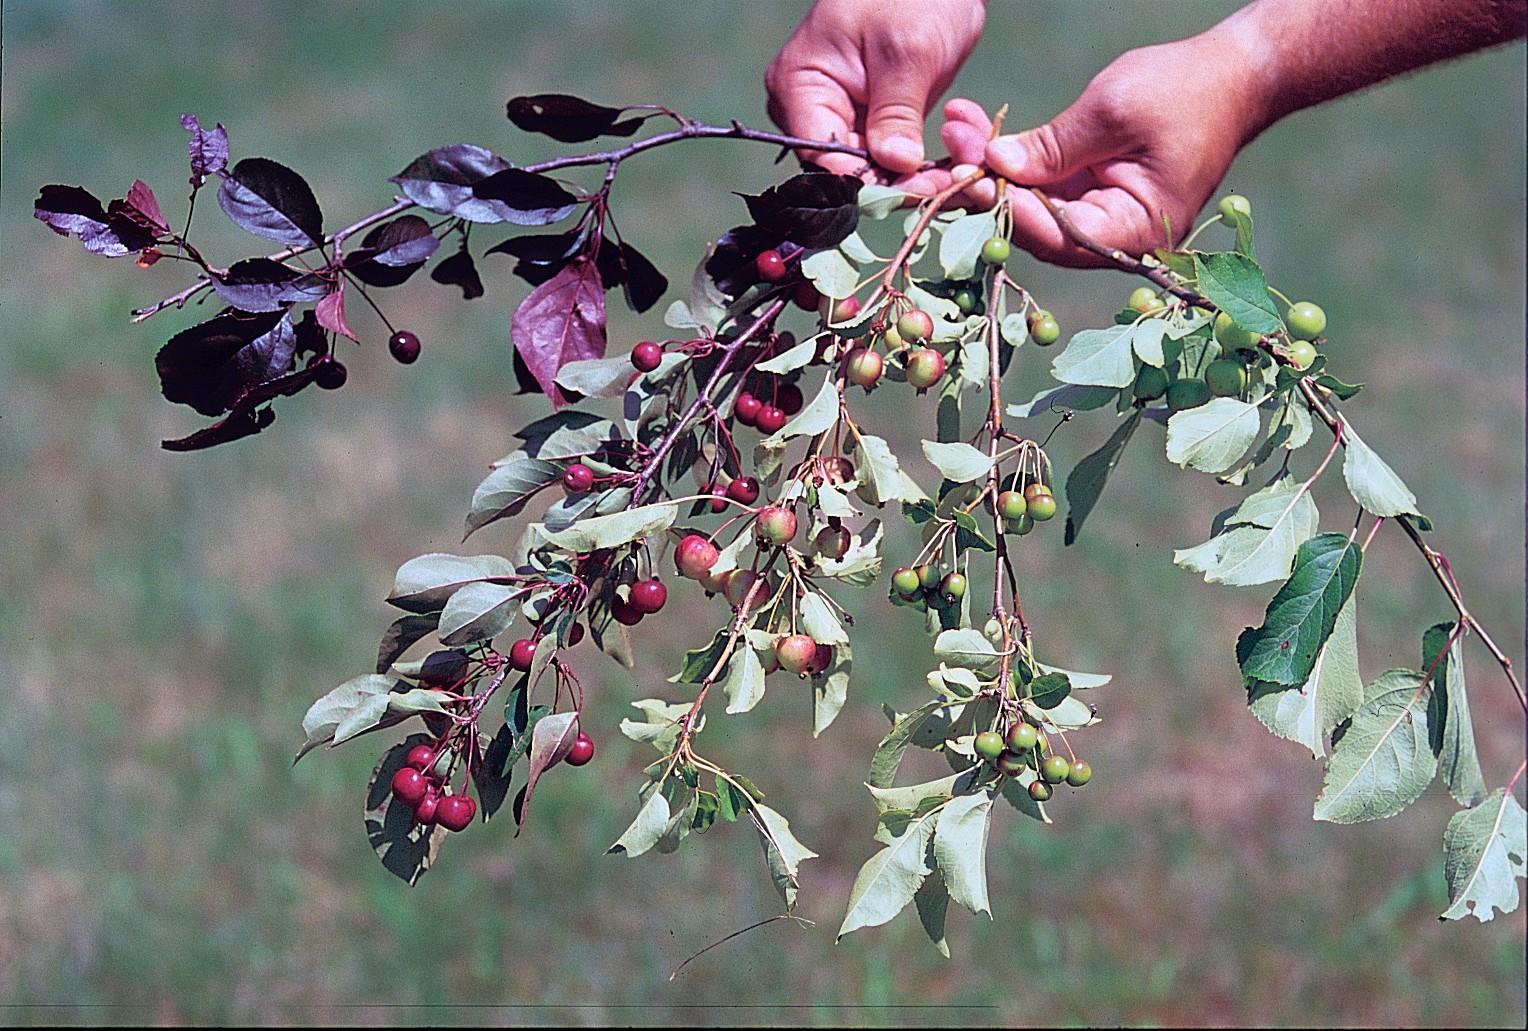 Описание сорта яблони маньчжурская: фото яблок, важные характеристики, урожайность с дерева